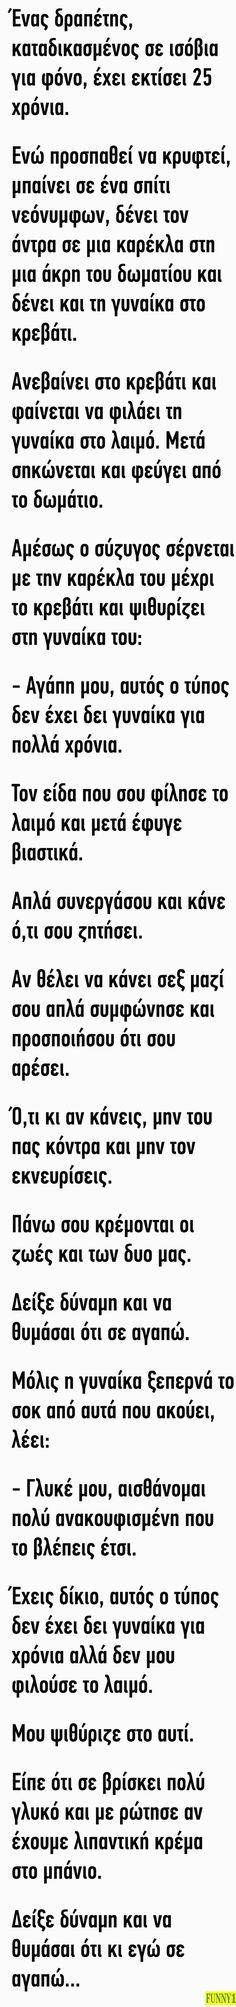 Ένας δραπέτης καταδικασμένος σε ισόβια για φόνο Funny Images, Funny Pictures, Are You Serious, Funny Greek, Greek Quotes, Wedding Humor, Funny Moments, Laugh Out Loud, Laughter